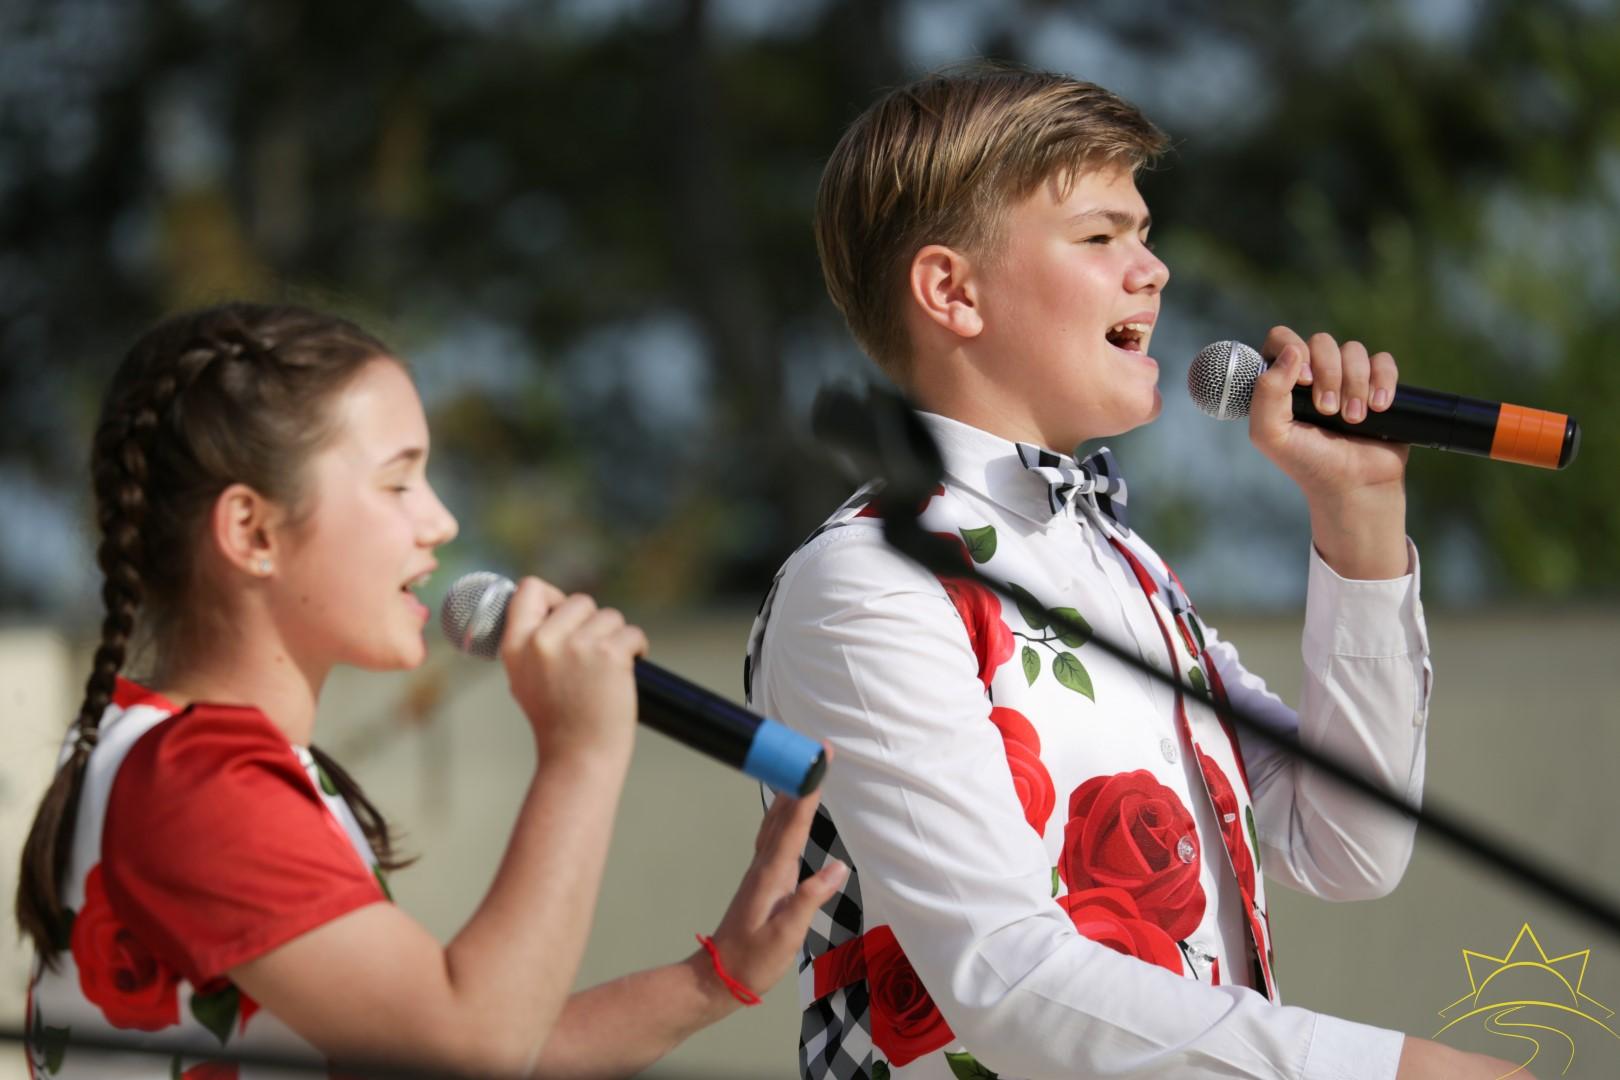 Сегодня в «Камчии» проходит День русской культуры